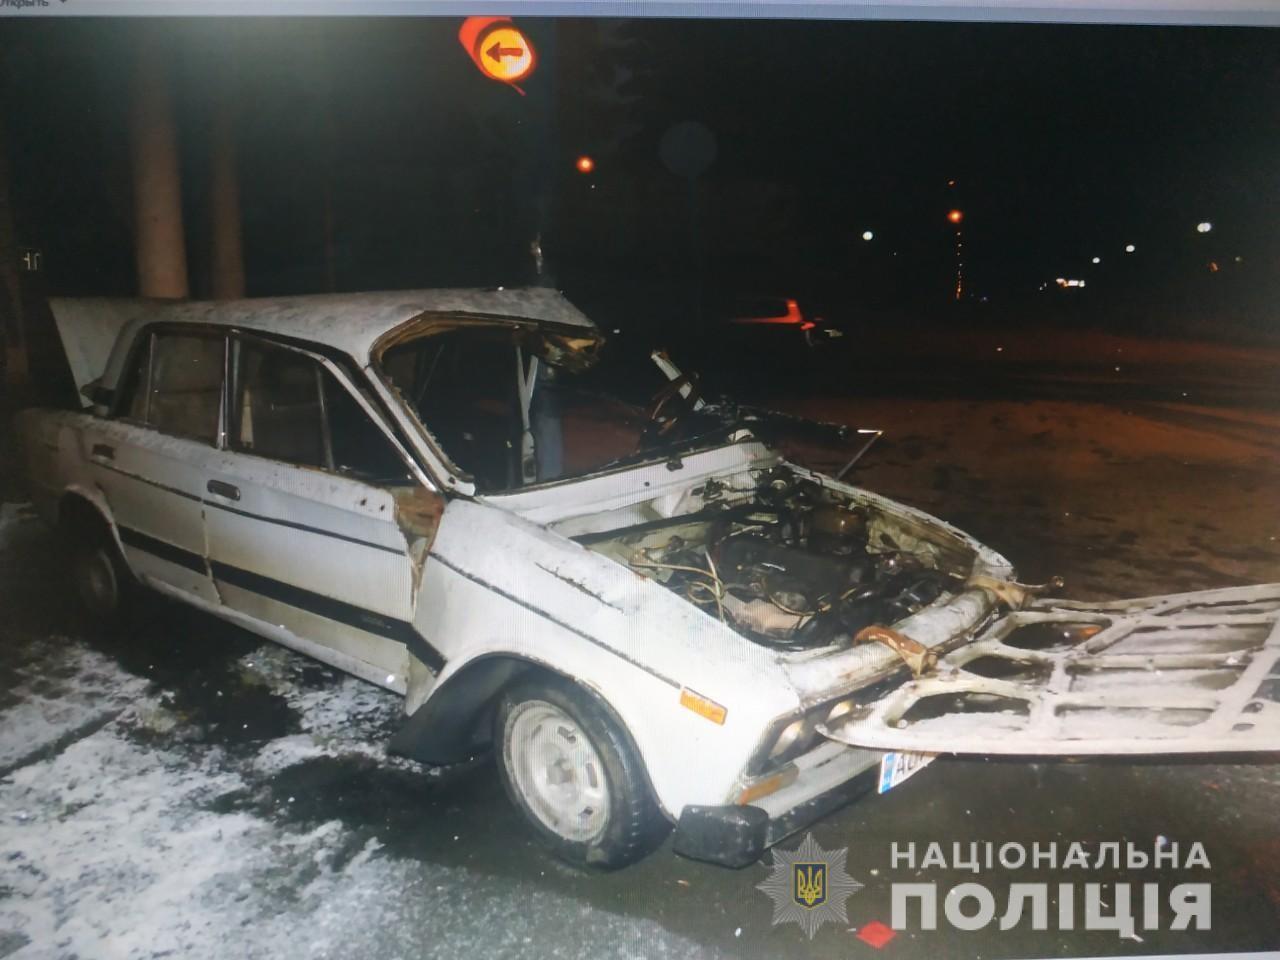 Авто їхало на чималій швидкості: подробиці нічної ДТП в Ужгороді